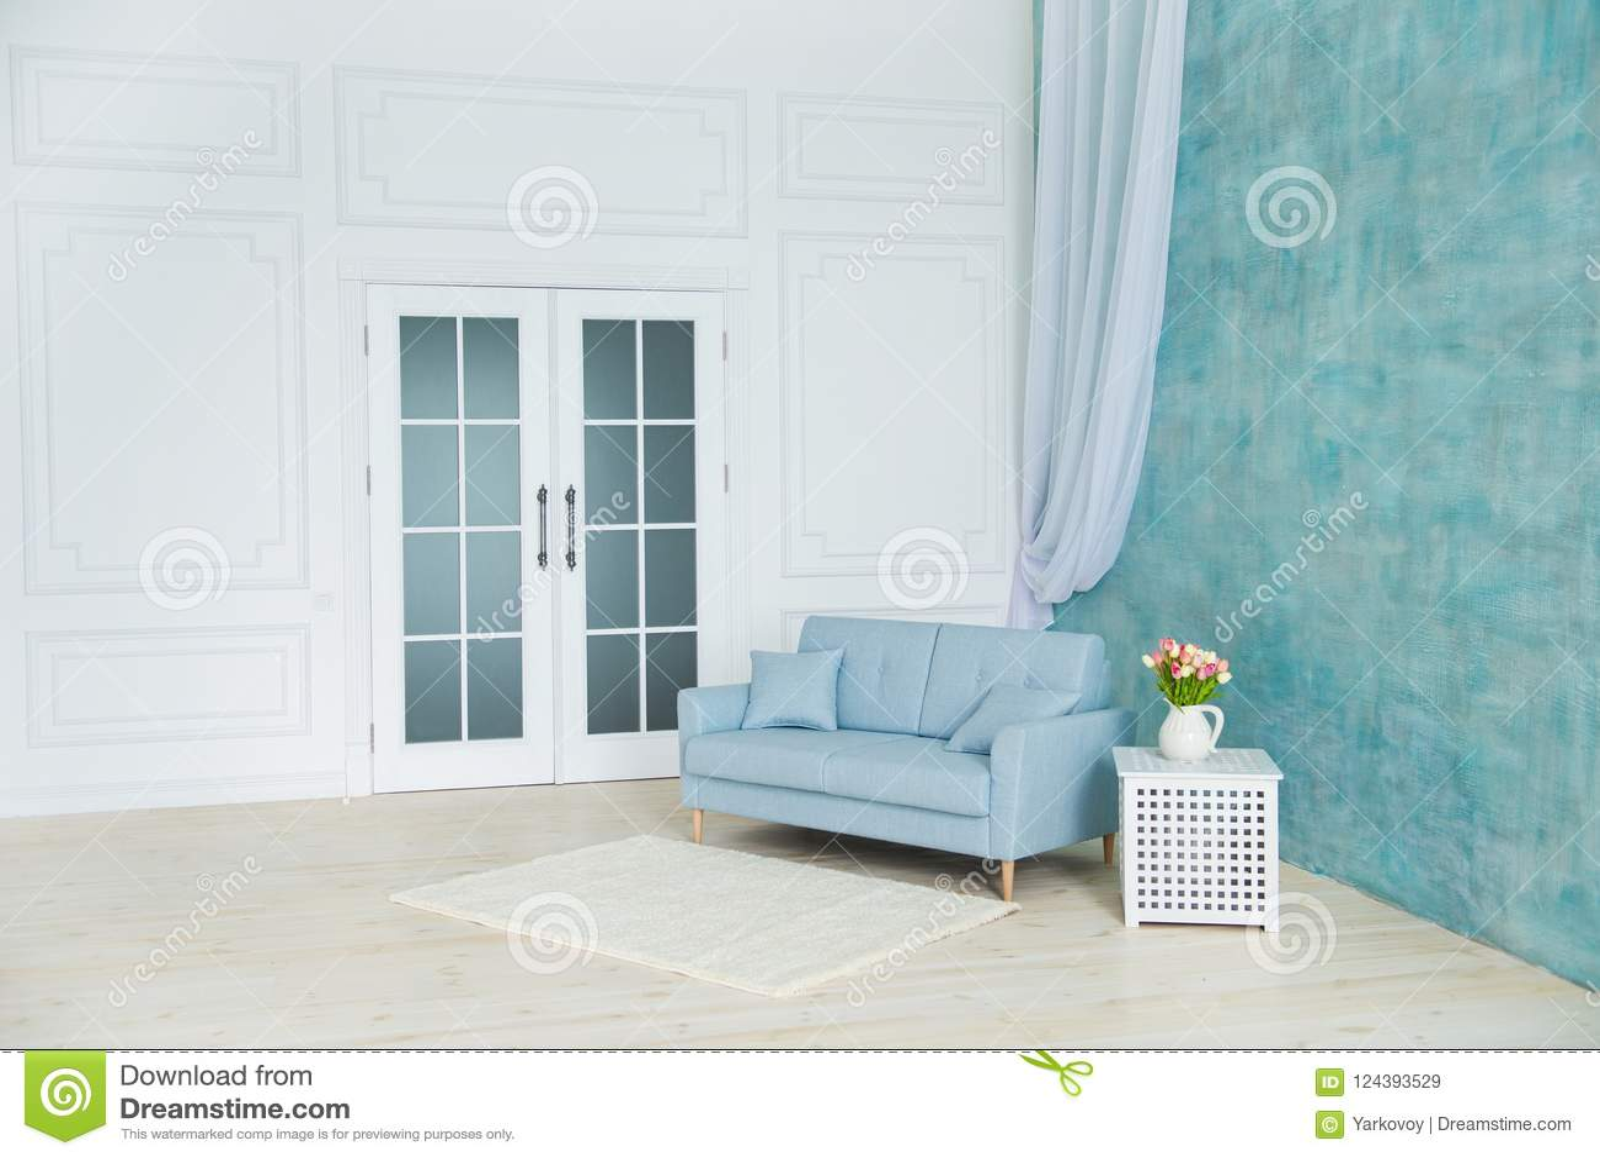 Vitt rum är en blå soffa, en sockel med blommor i en vas